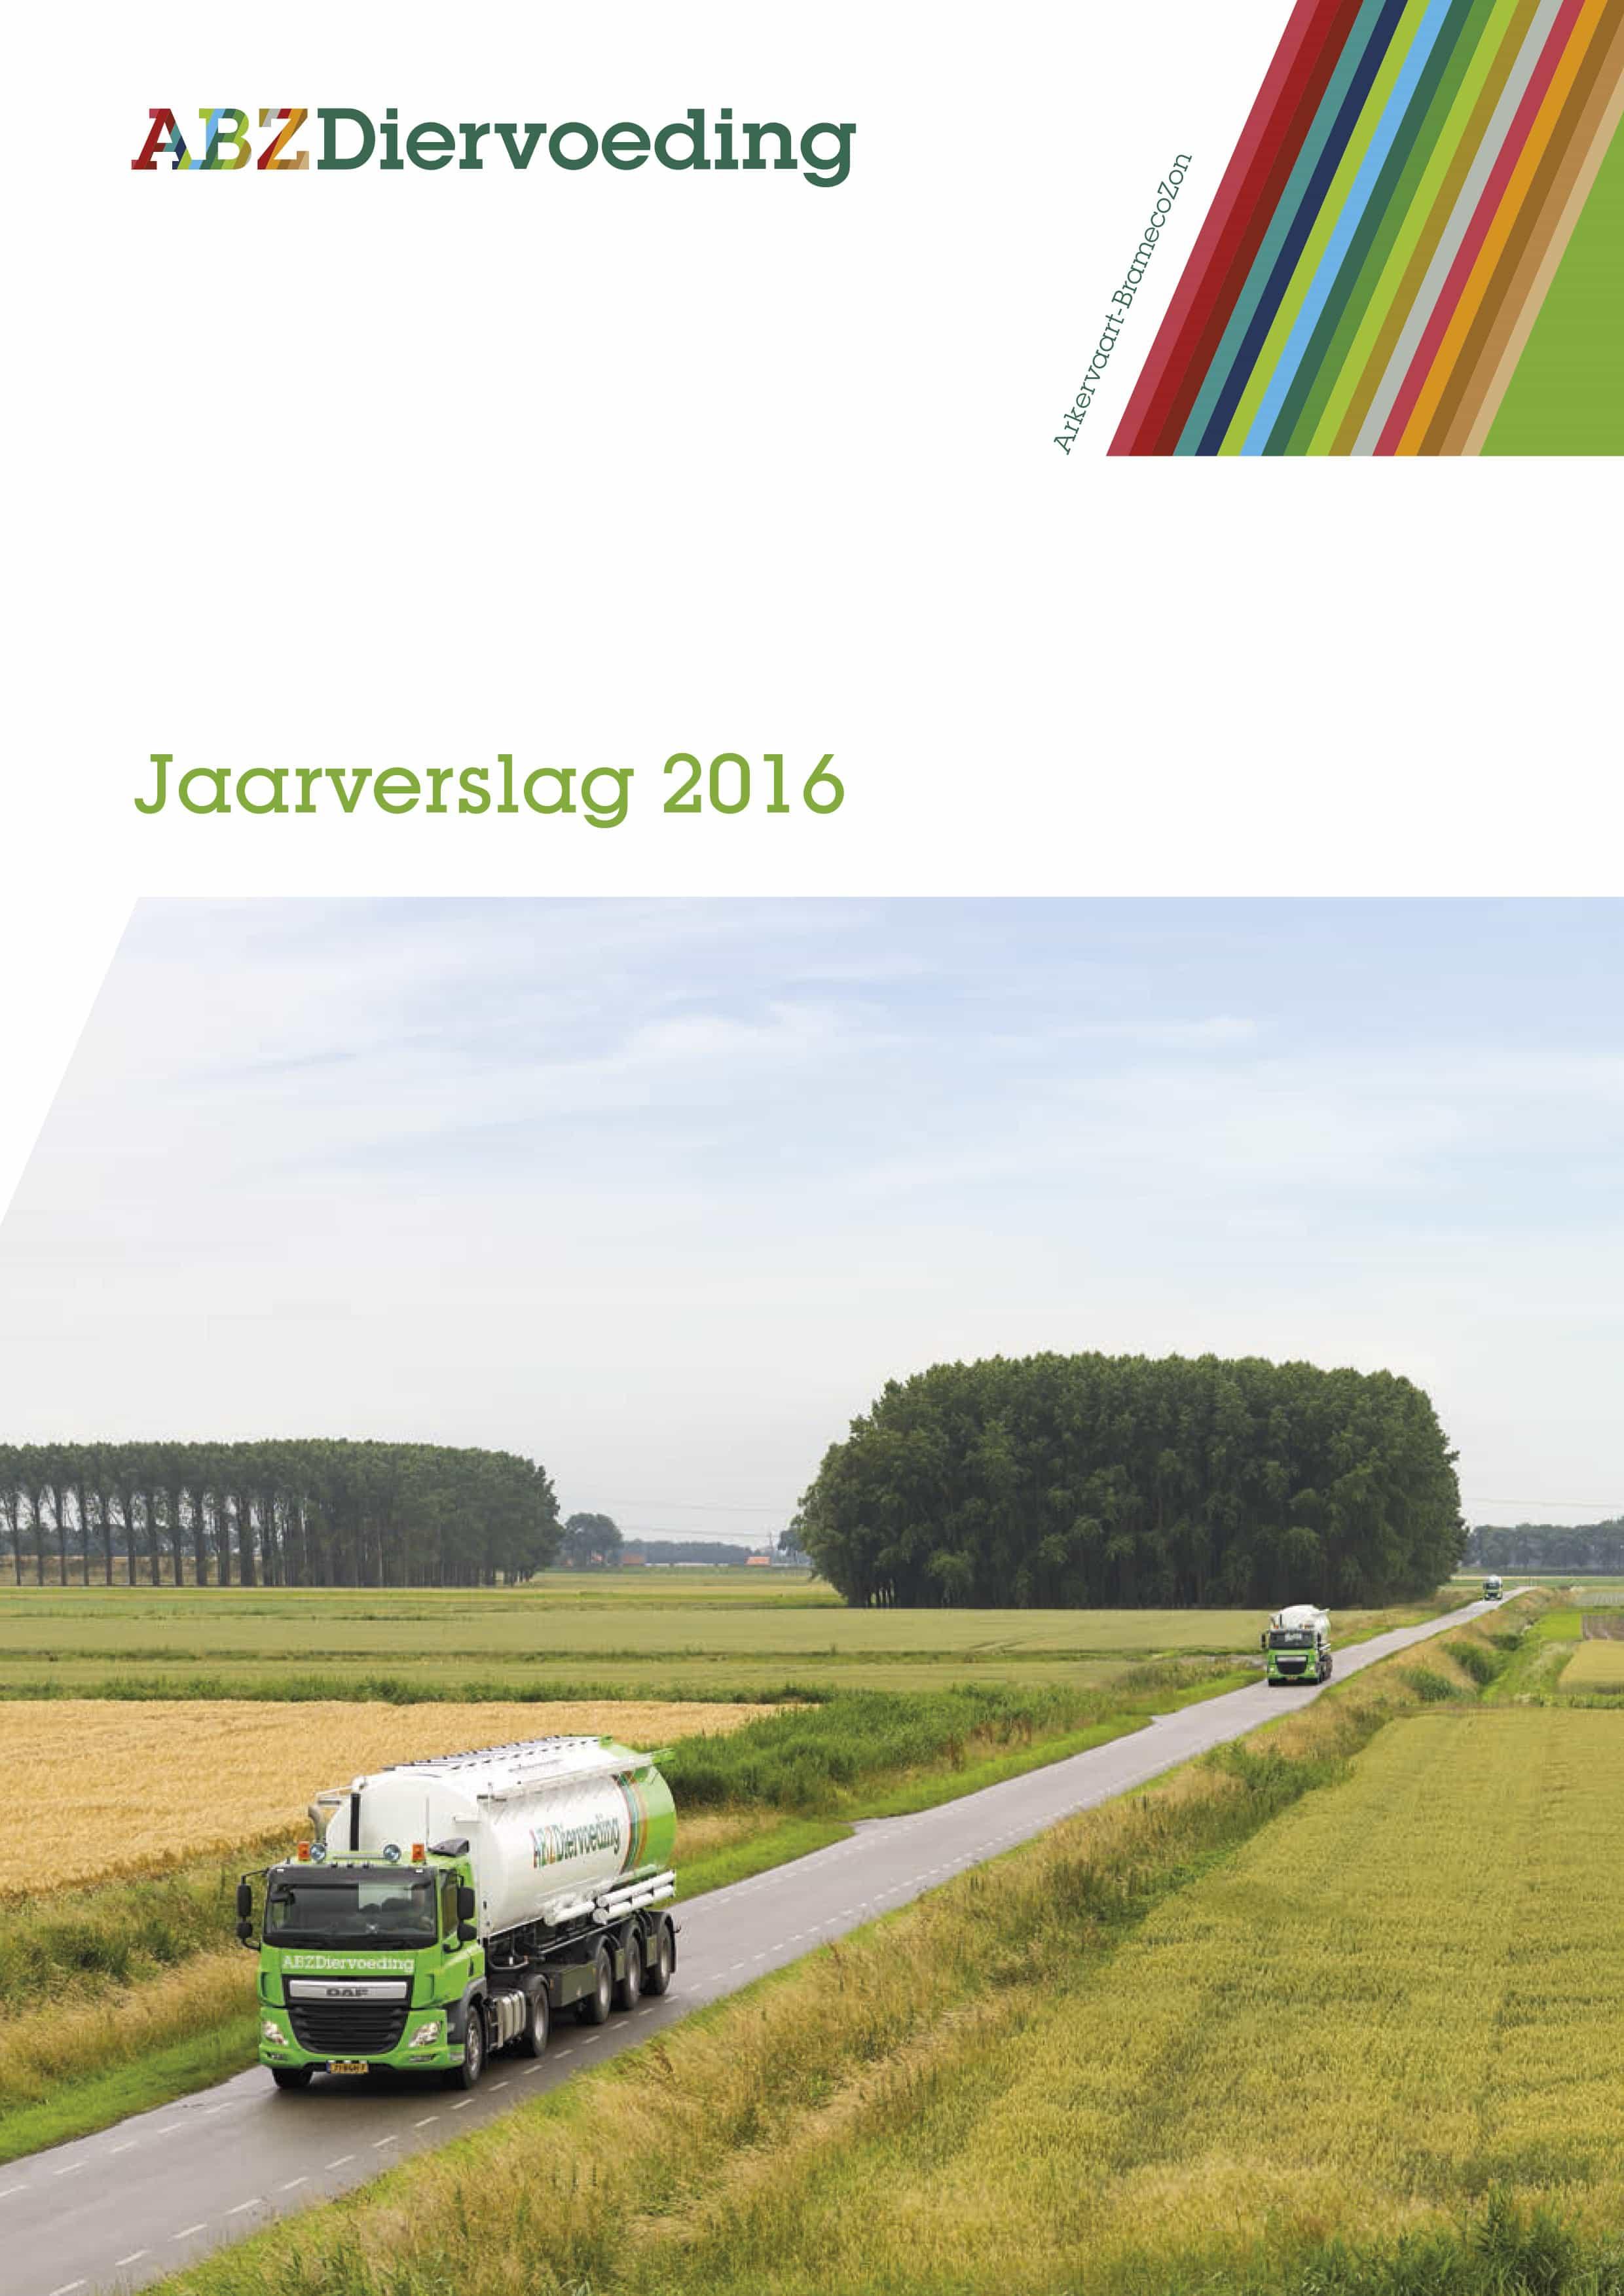 jaarverslag ABZ Diervoeding 2016